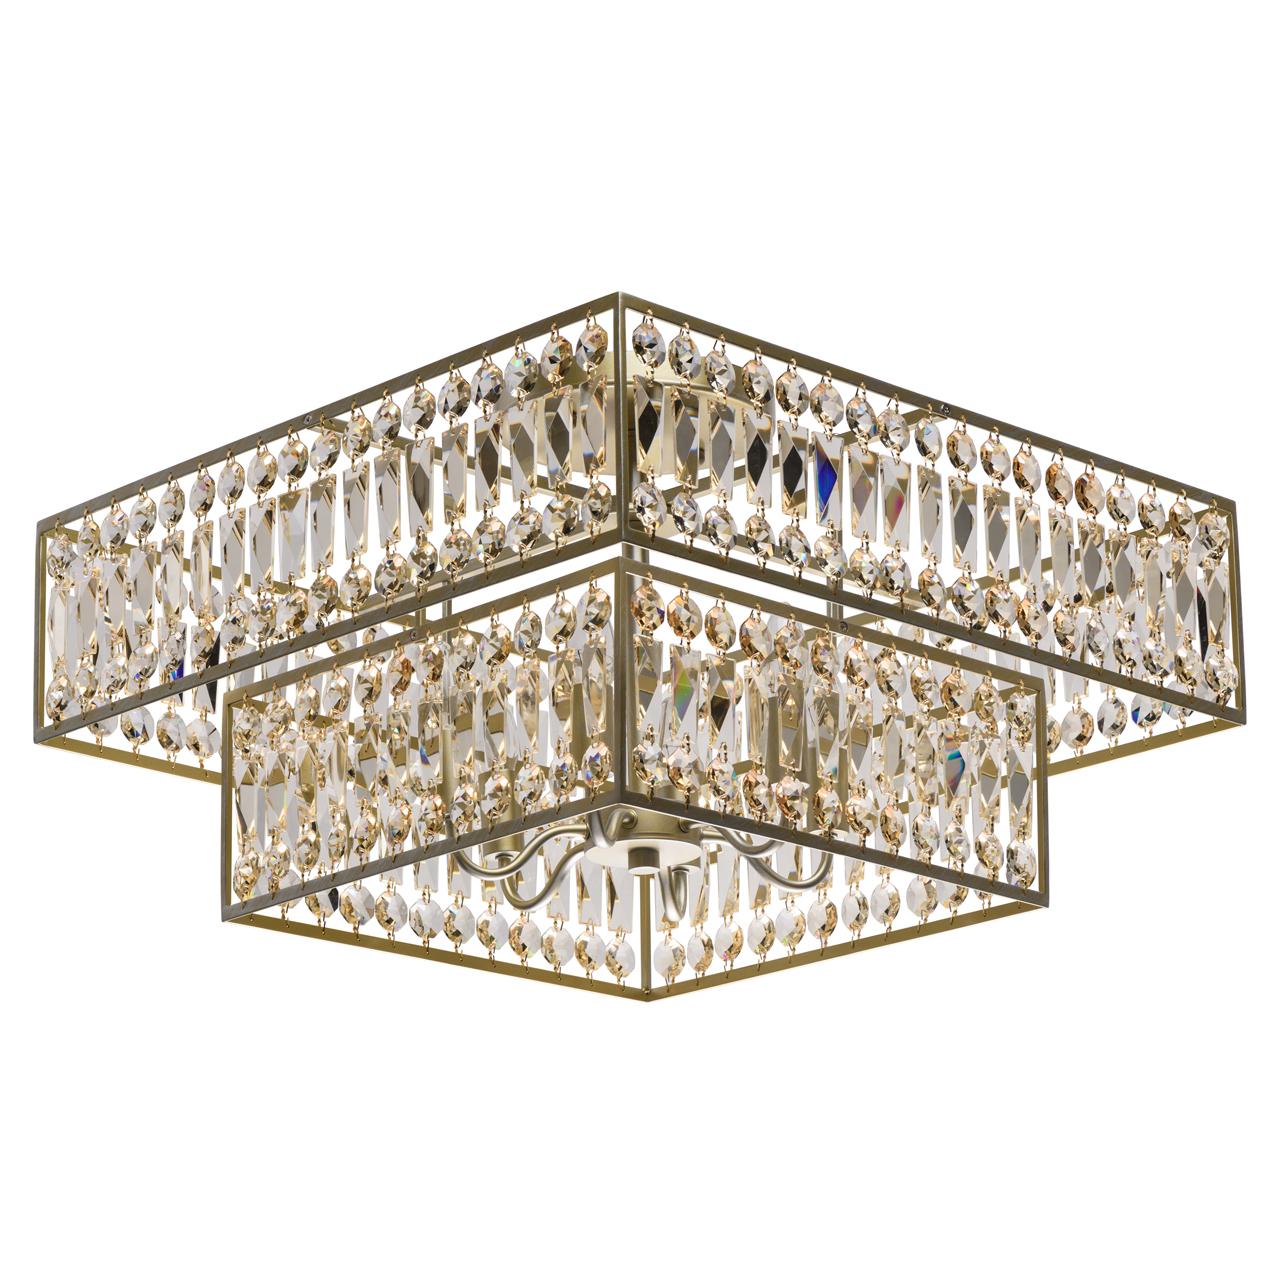 Люстра MW-Light 121012306 6/40w e14 люстра mw light 483013506 6 40w e14